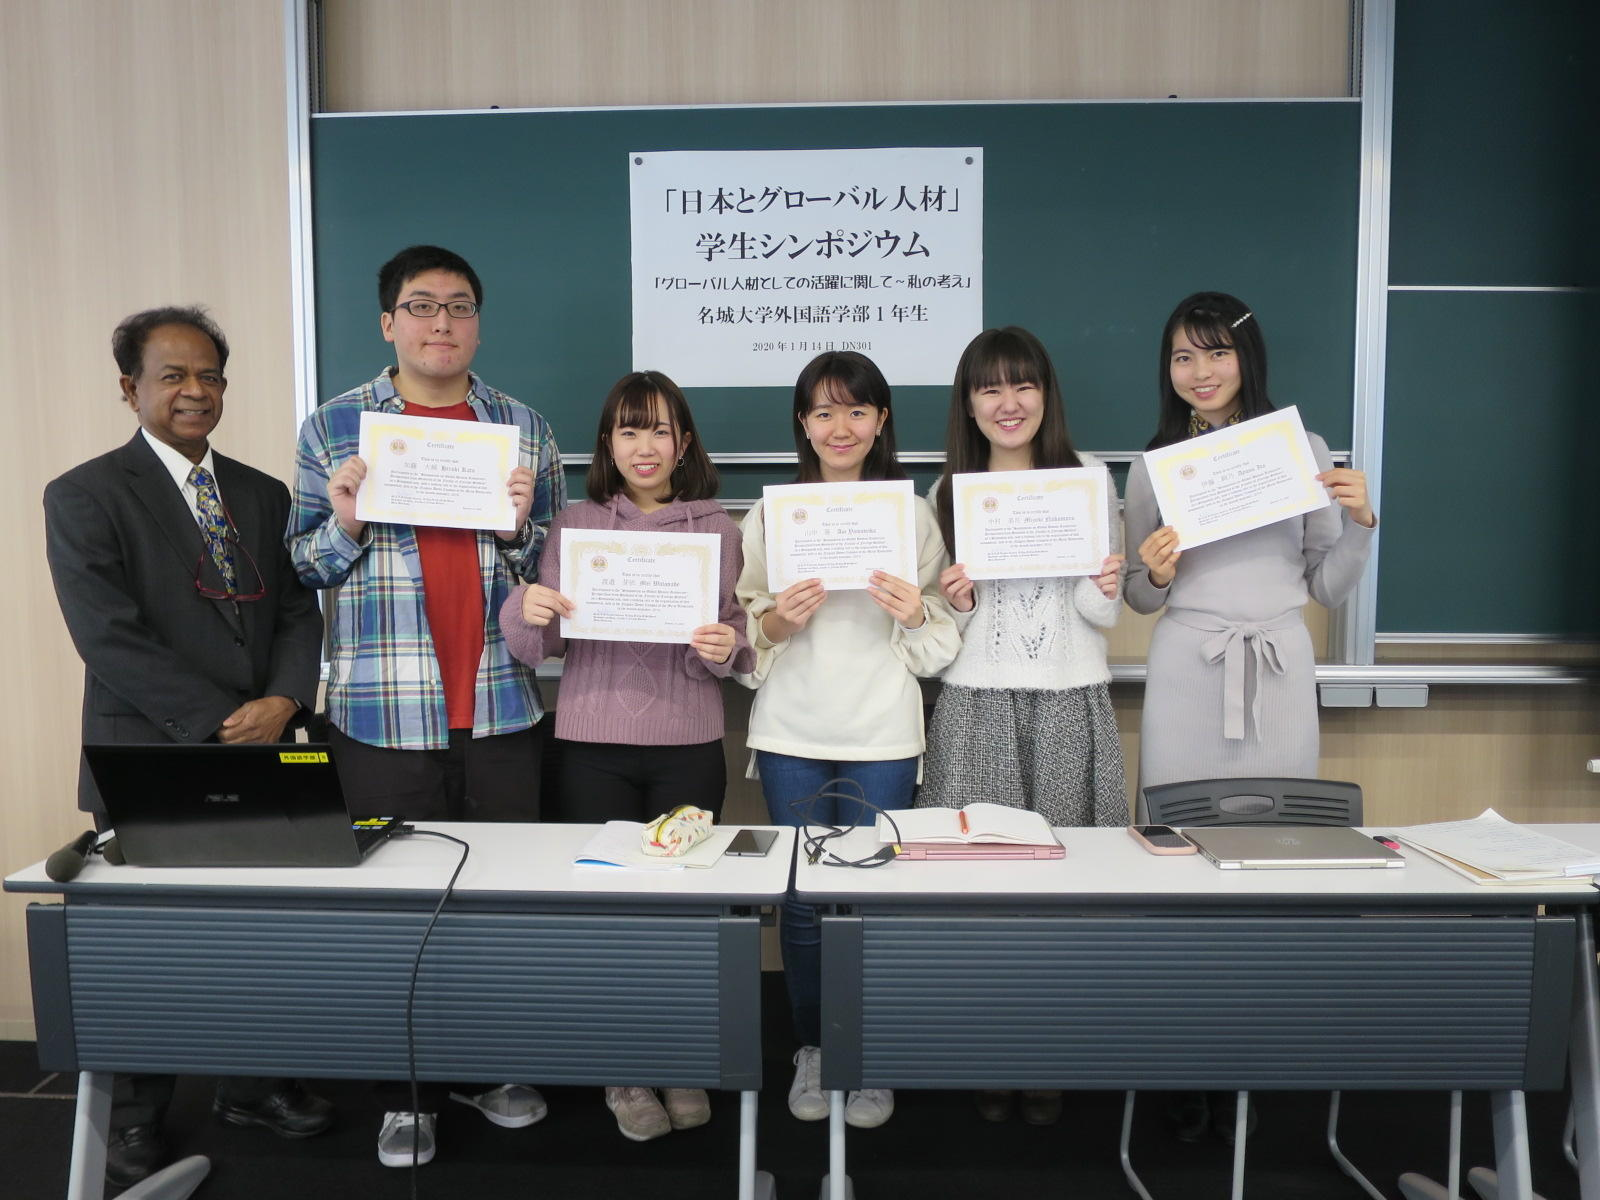 クマーラ教授(左端)からもらった賞状を手に記念写真に納まる(右端から)伊藤さん、中村さん、山中さん、渡邉さん、加藤さん